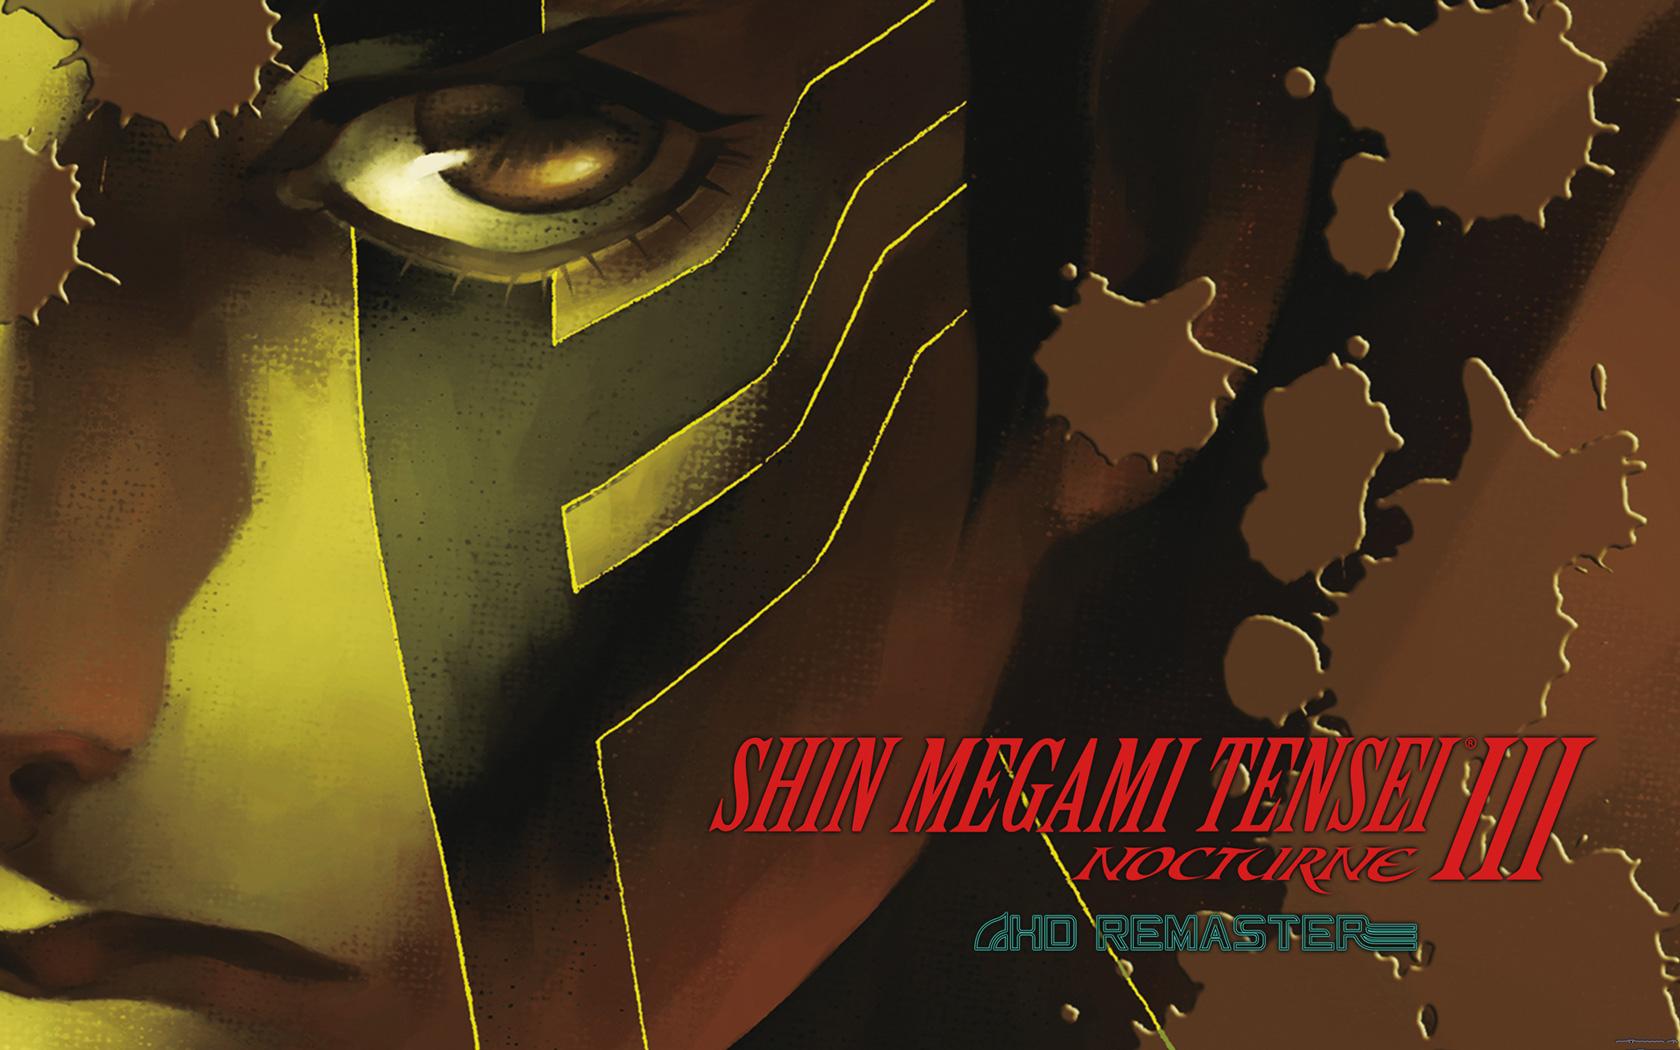 Free Shin Megami Tensei III: Nocturne Wallpaper in 1680x1050